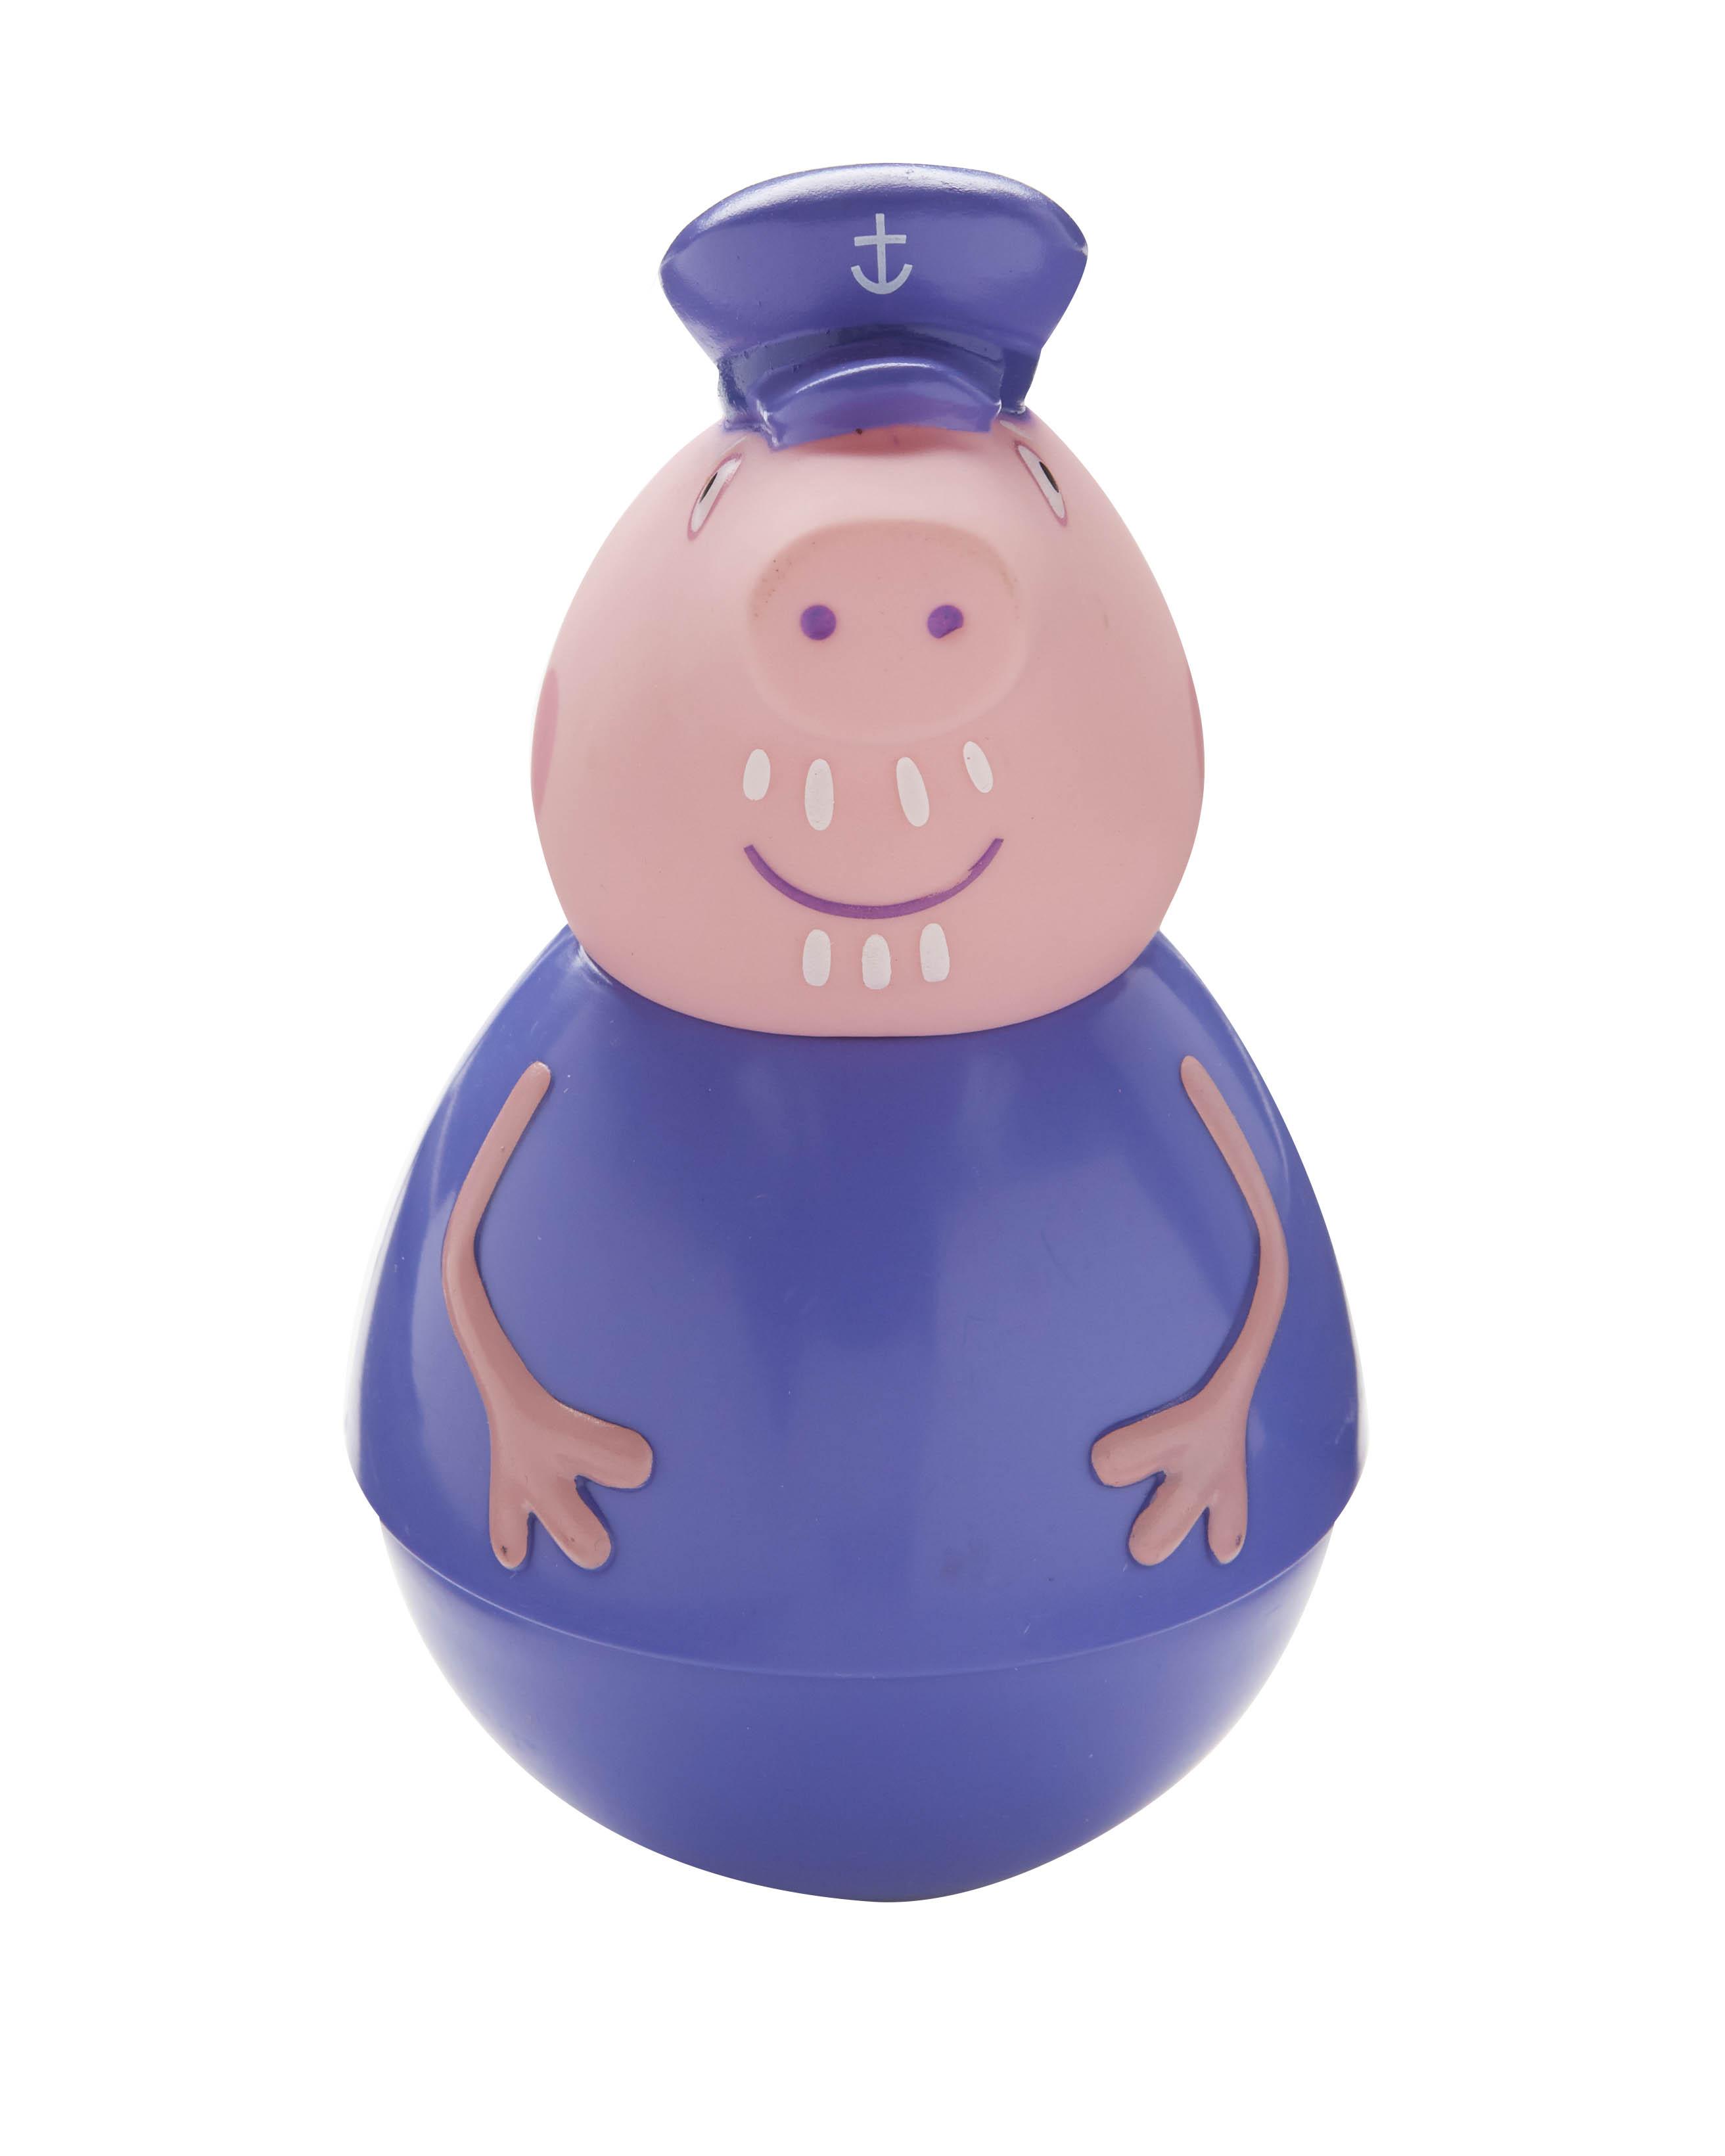 Фигурка-неваляшка Weebles «Дедушка Пеппы» тм Peppa PigСвинка Пеппа (Peppa Pig )<br>Фигурка-неваляшка Weebles «Дедушка Пеппы» тм Peppa Pig<br>